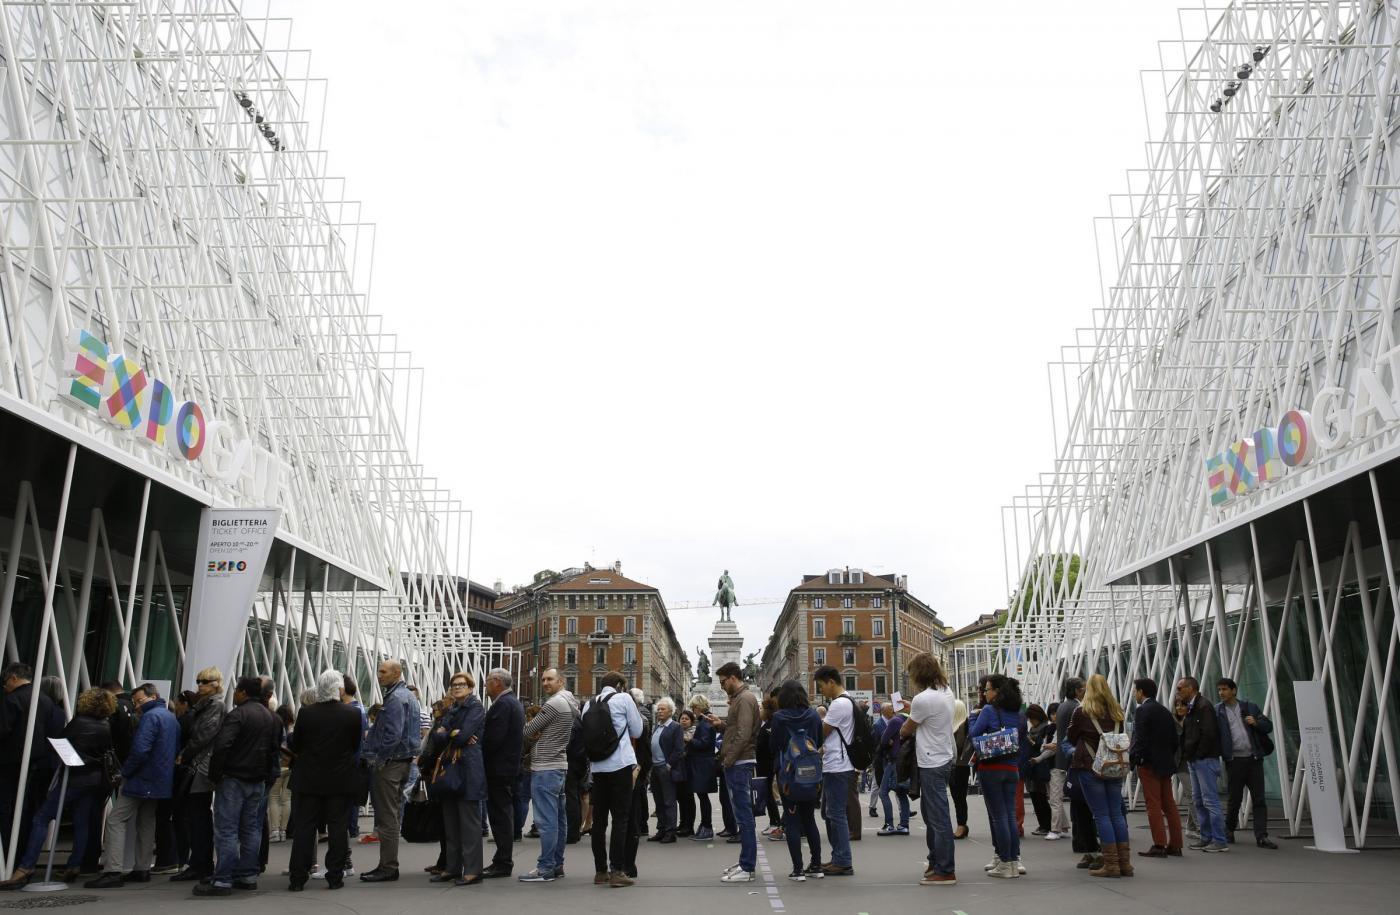 Un miliardo di euro per i padiglioni: il successo degli investimenti Expo 2015